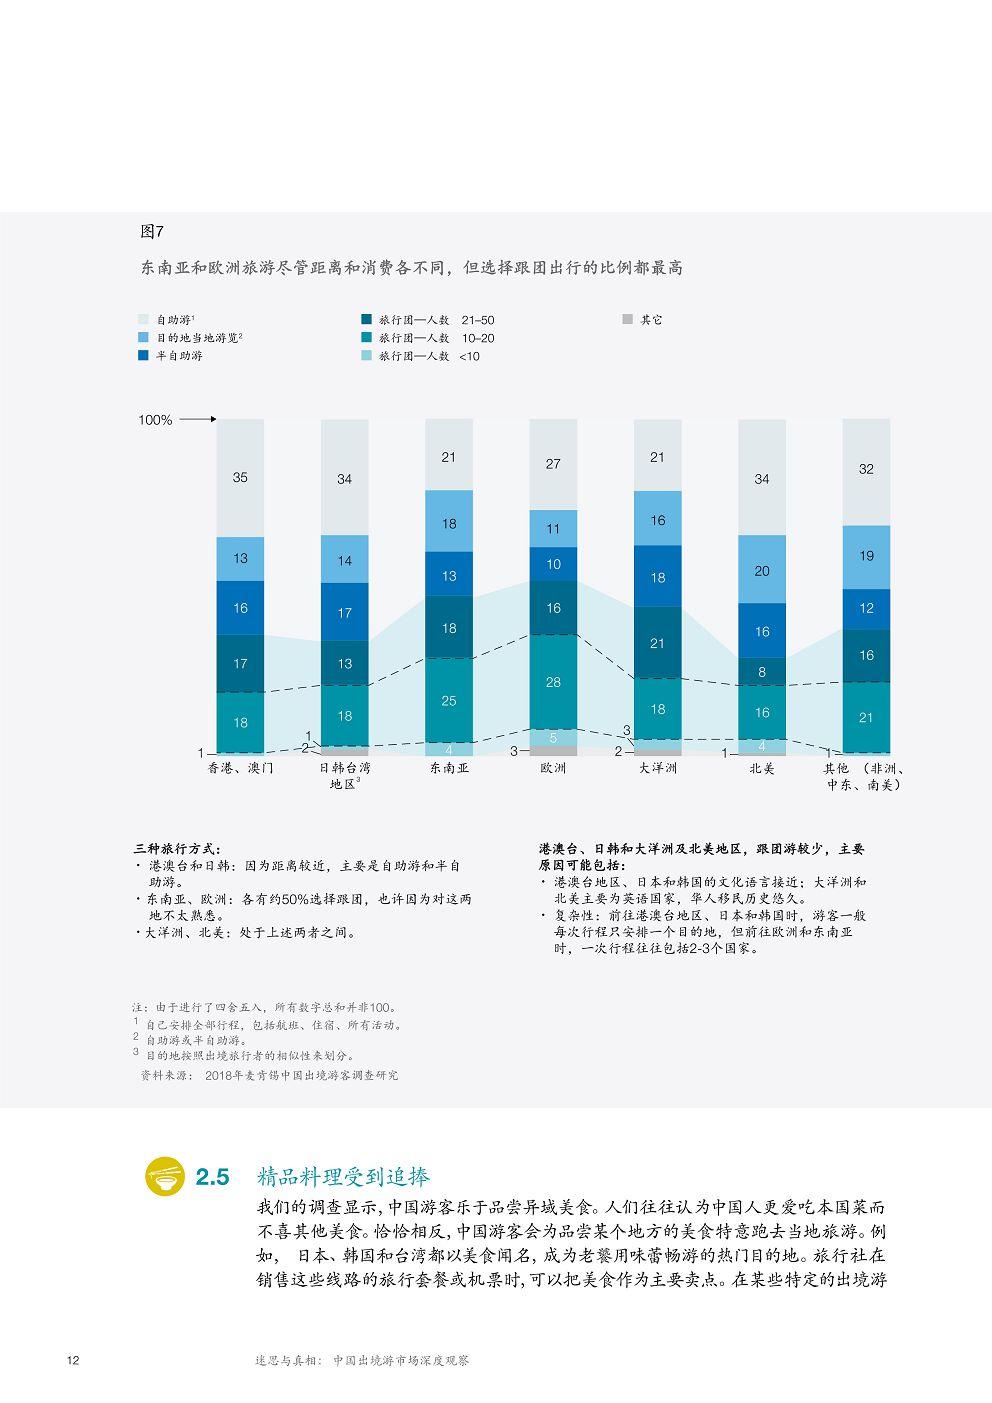 McK_China-tourism-report-2018_CN_16